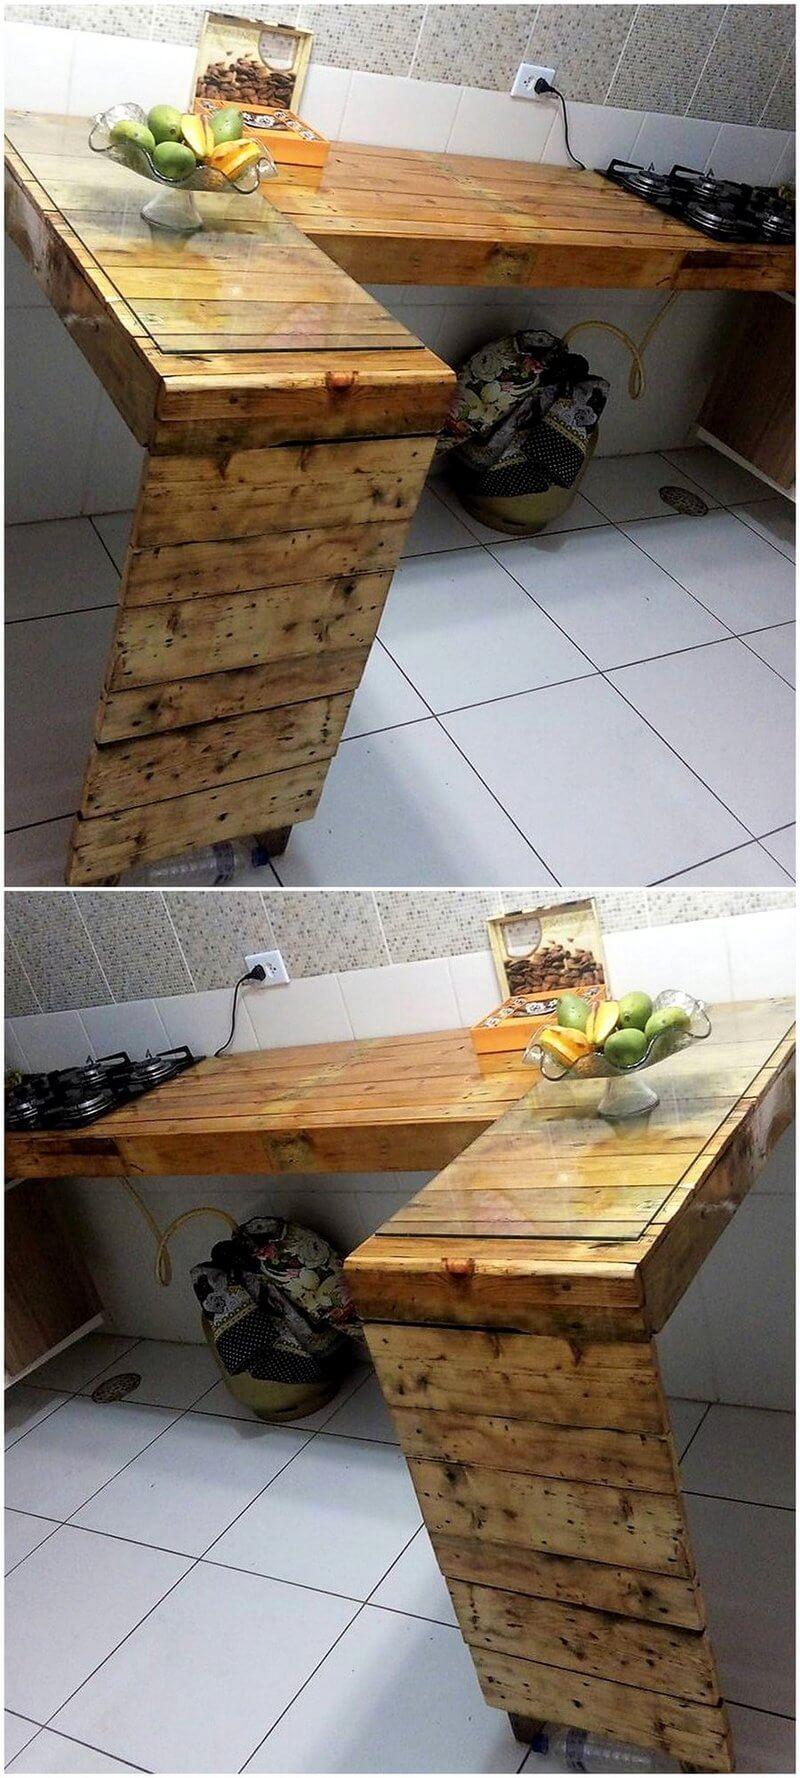 reused pallet kitchen idea